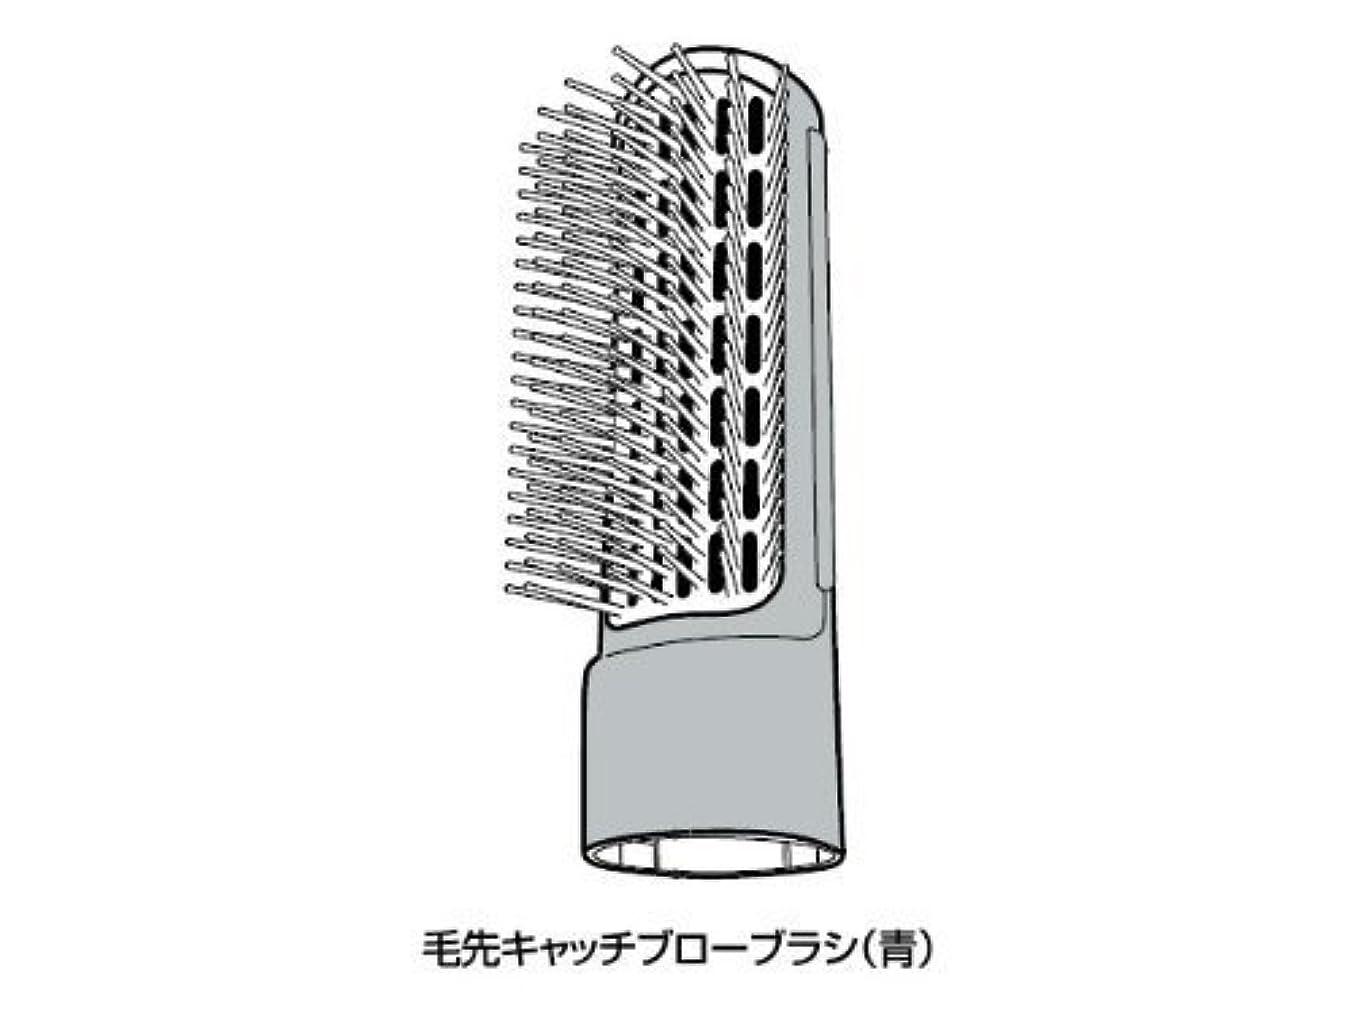 含める挨拶パットPanasonic 毛先キャッチブローブラシ(青) EHKA10AH7617